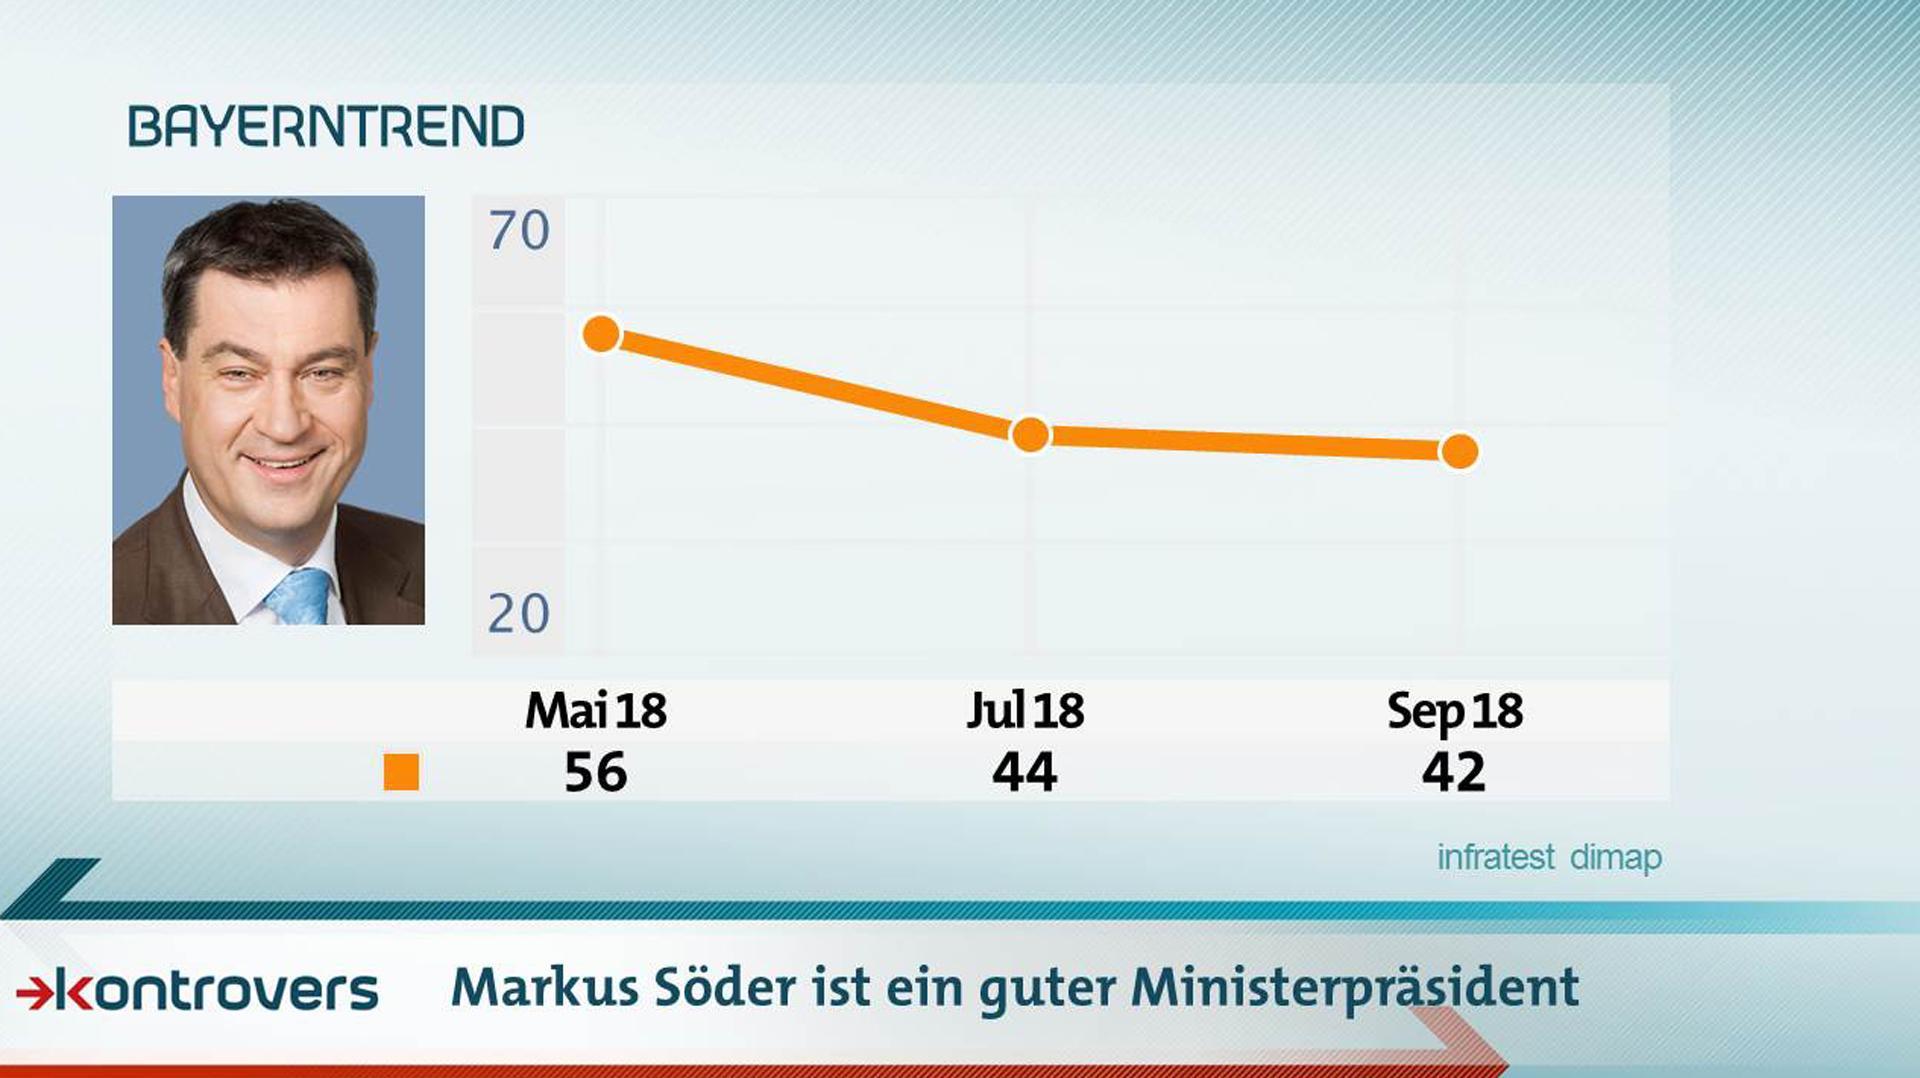 Entwicklung der Ergebnisse auf die Frage, ob Markus Söder ein guter Ministerpräsident ist. Mai 2018: 56 Prozent, Juli 2018 44, September 2018 42